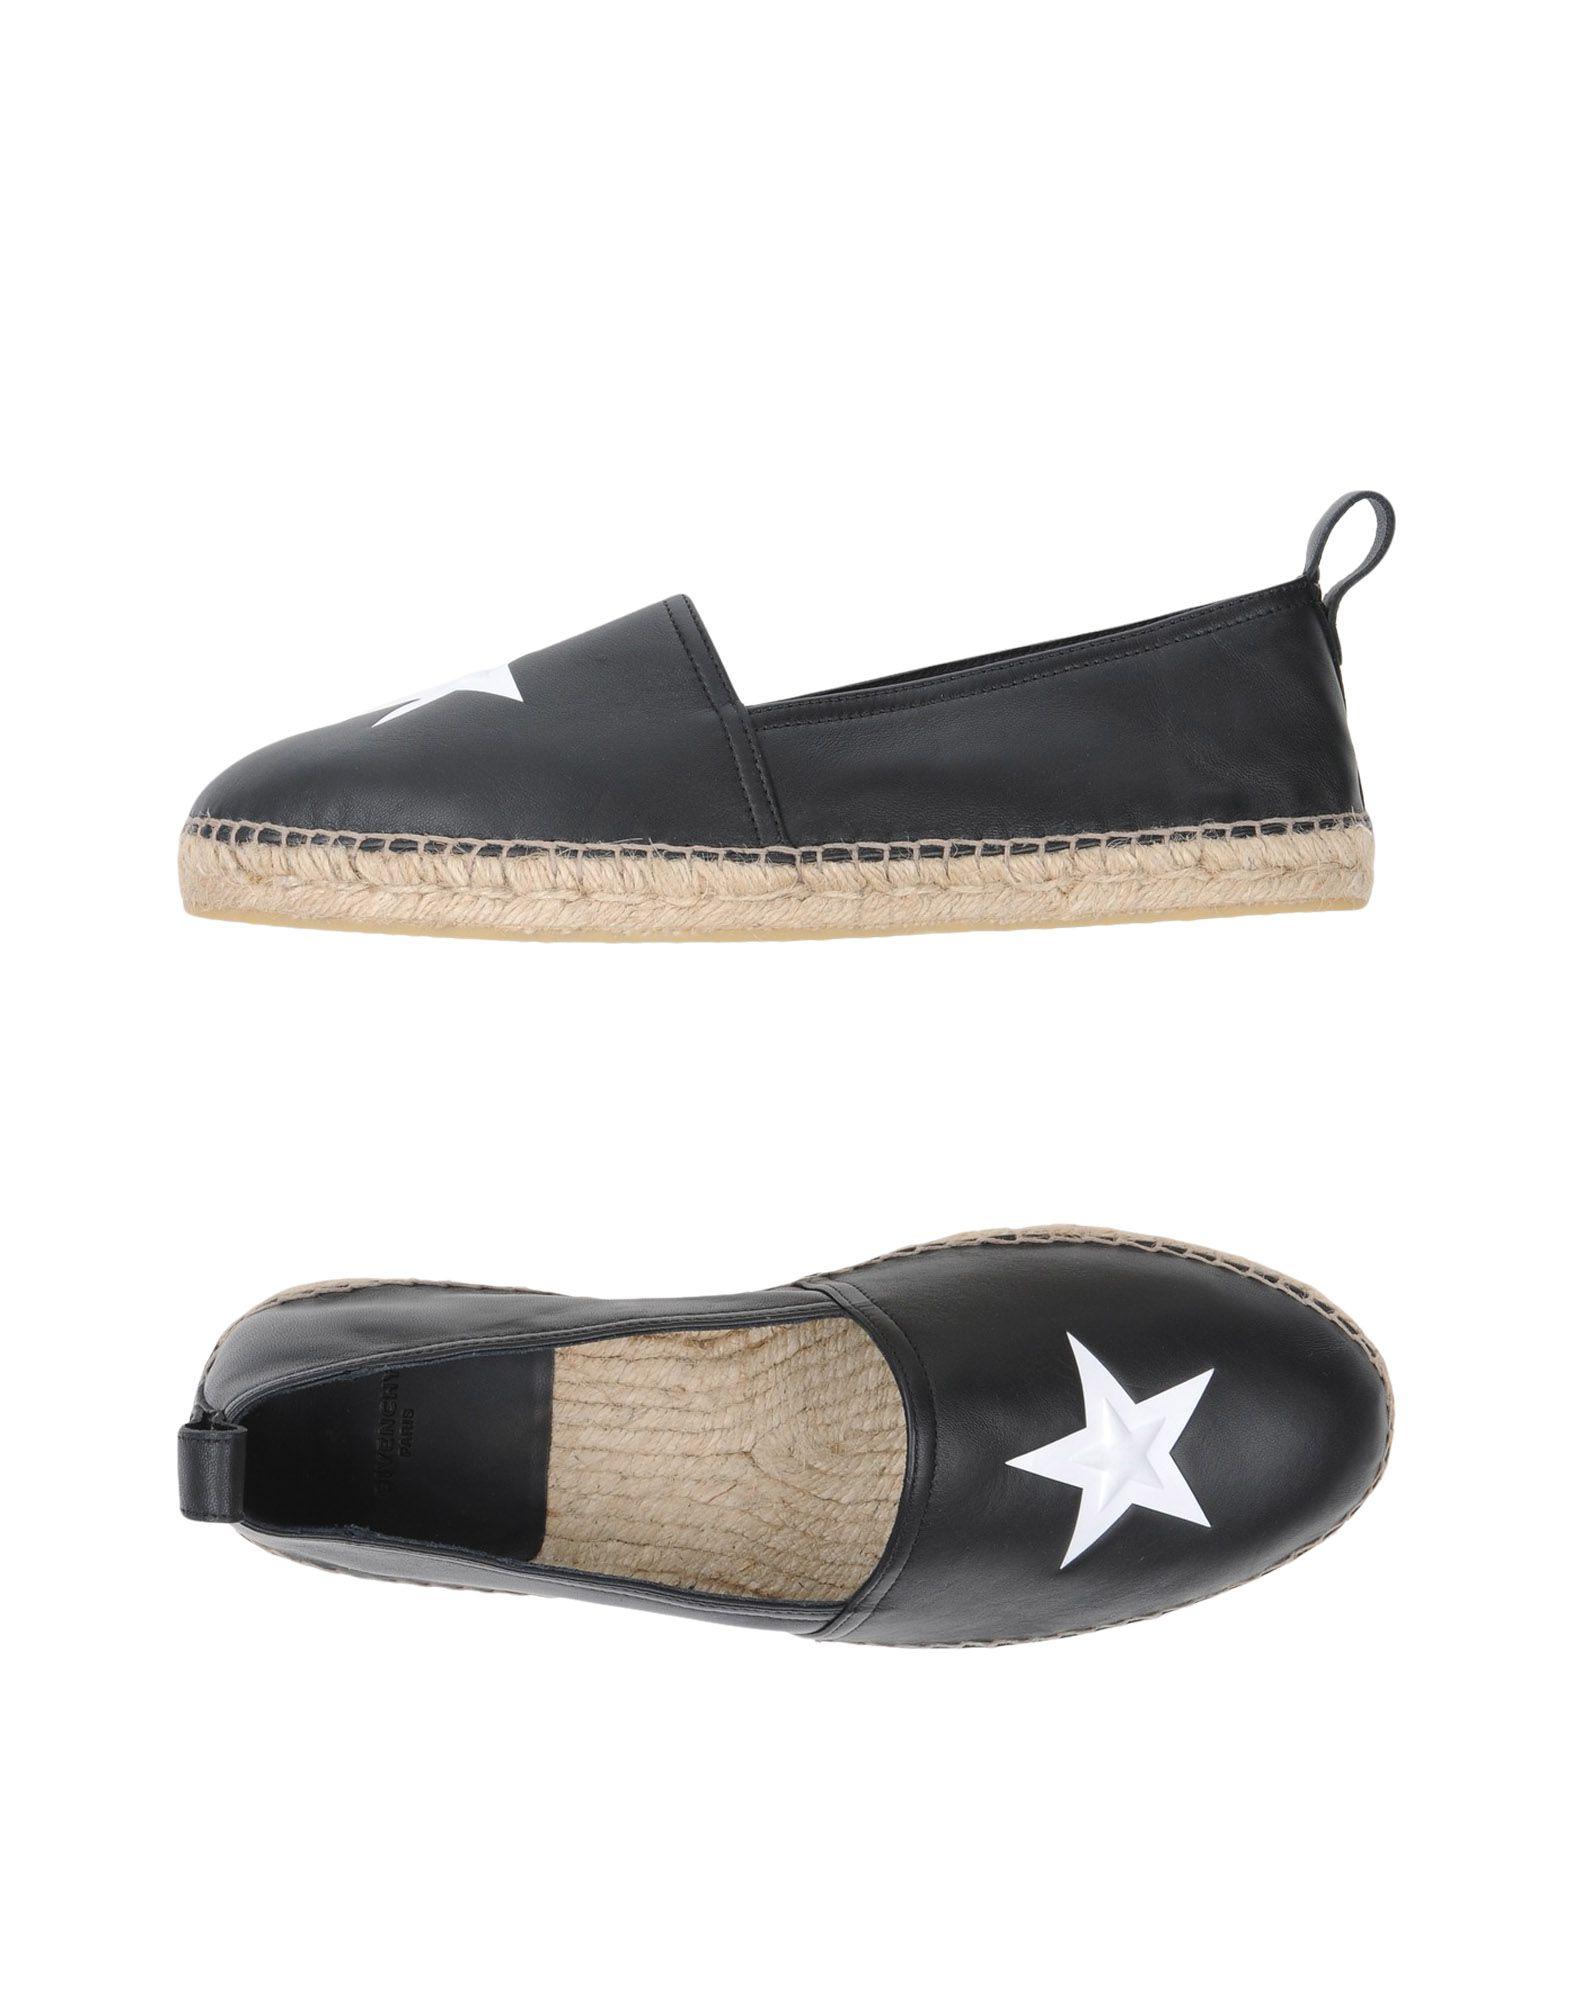 Givenchy Espadrilles Herren  11326830OA Gute Qualität beliebte Schuhe